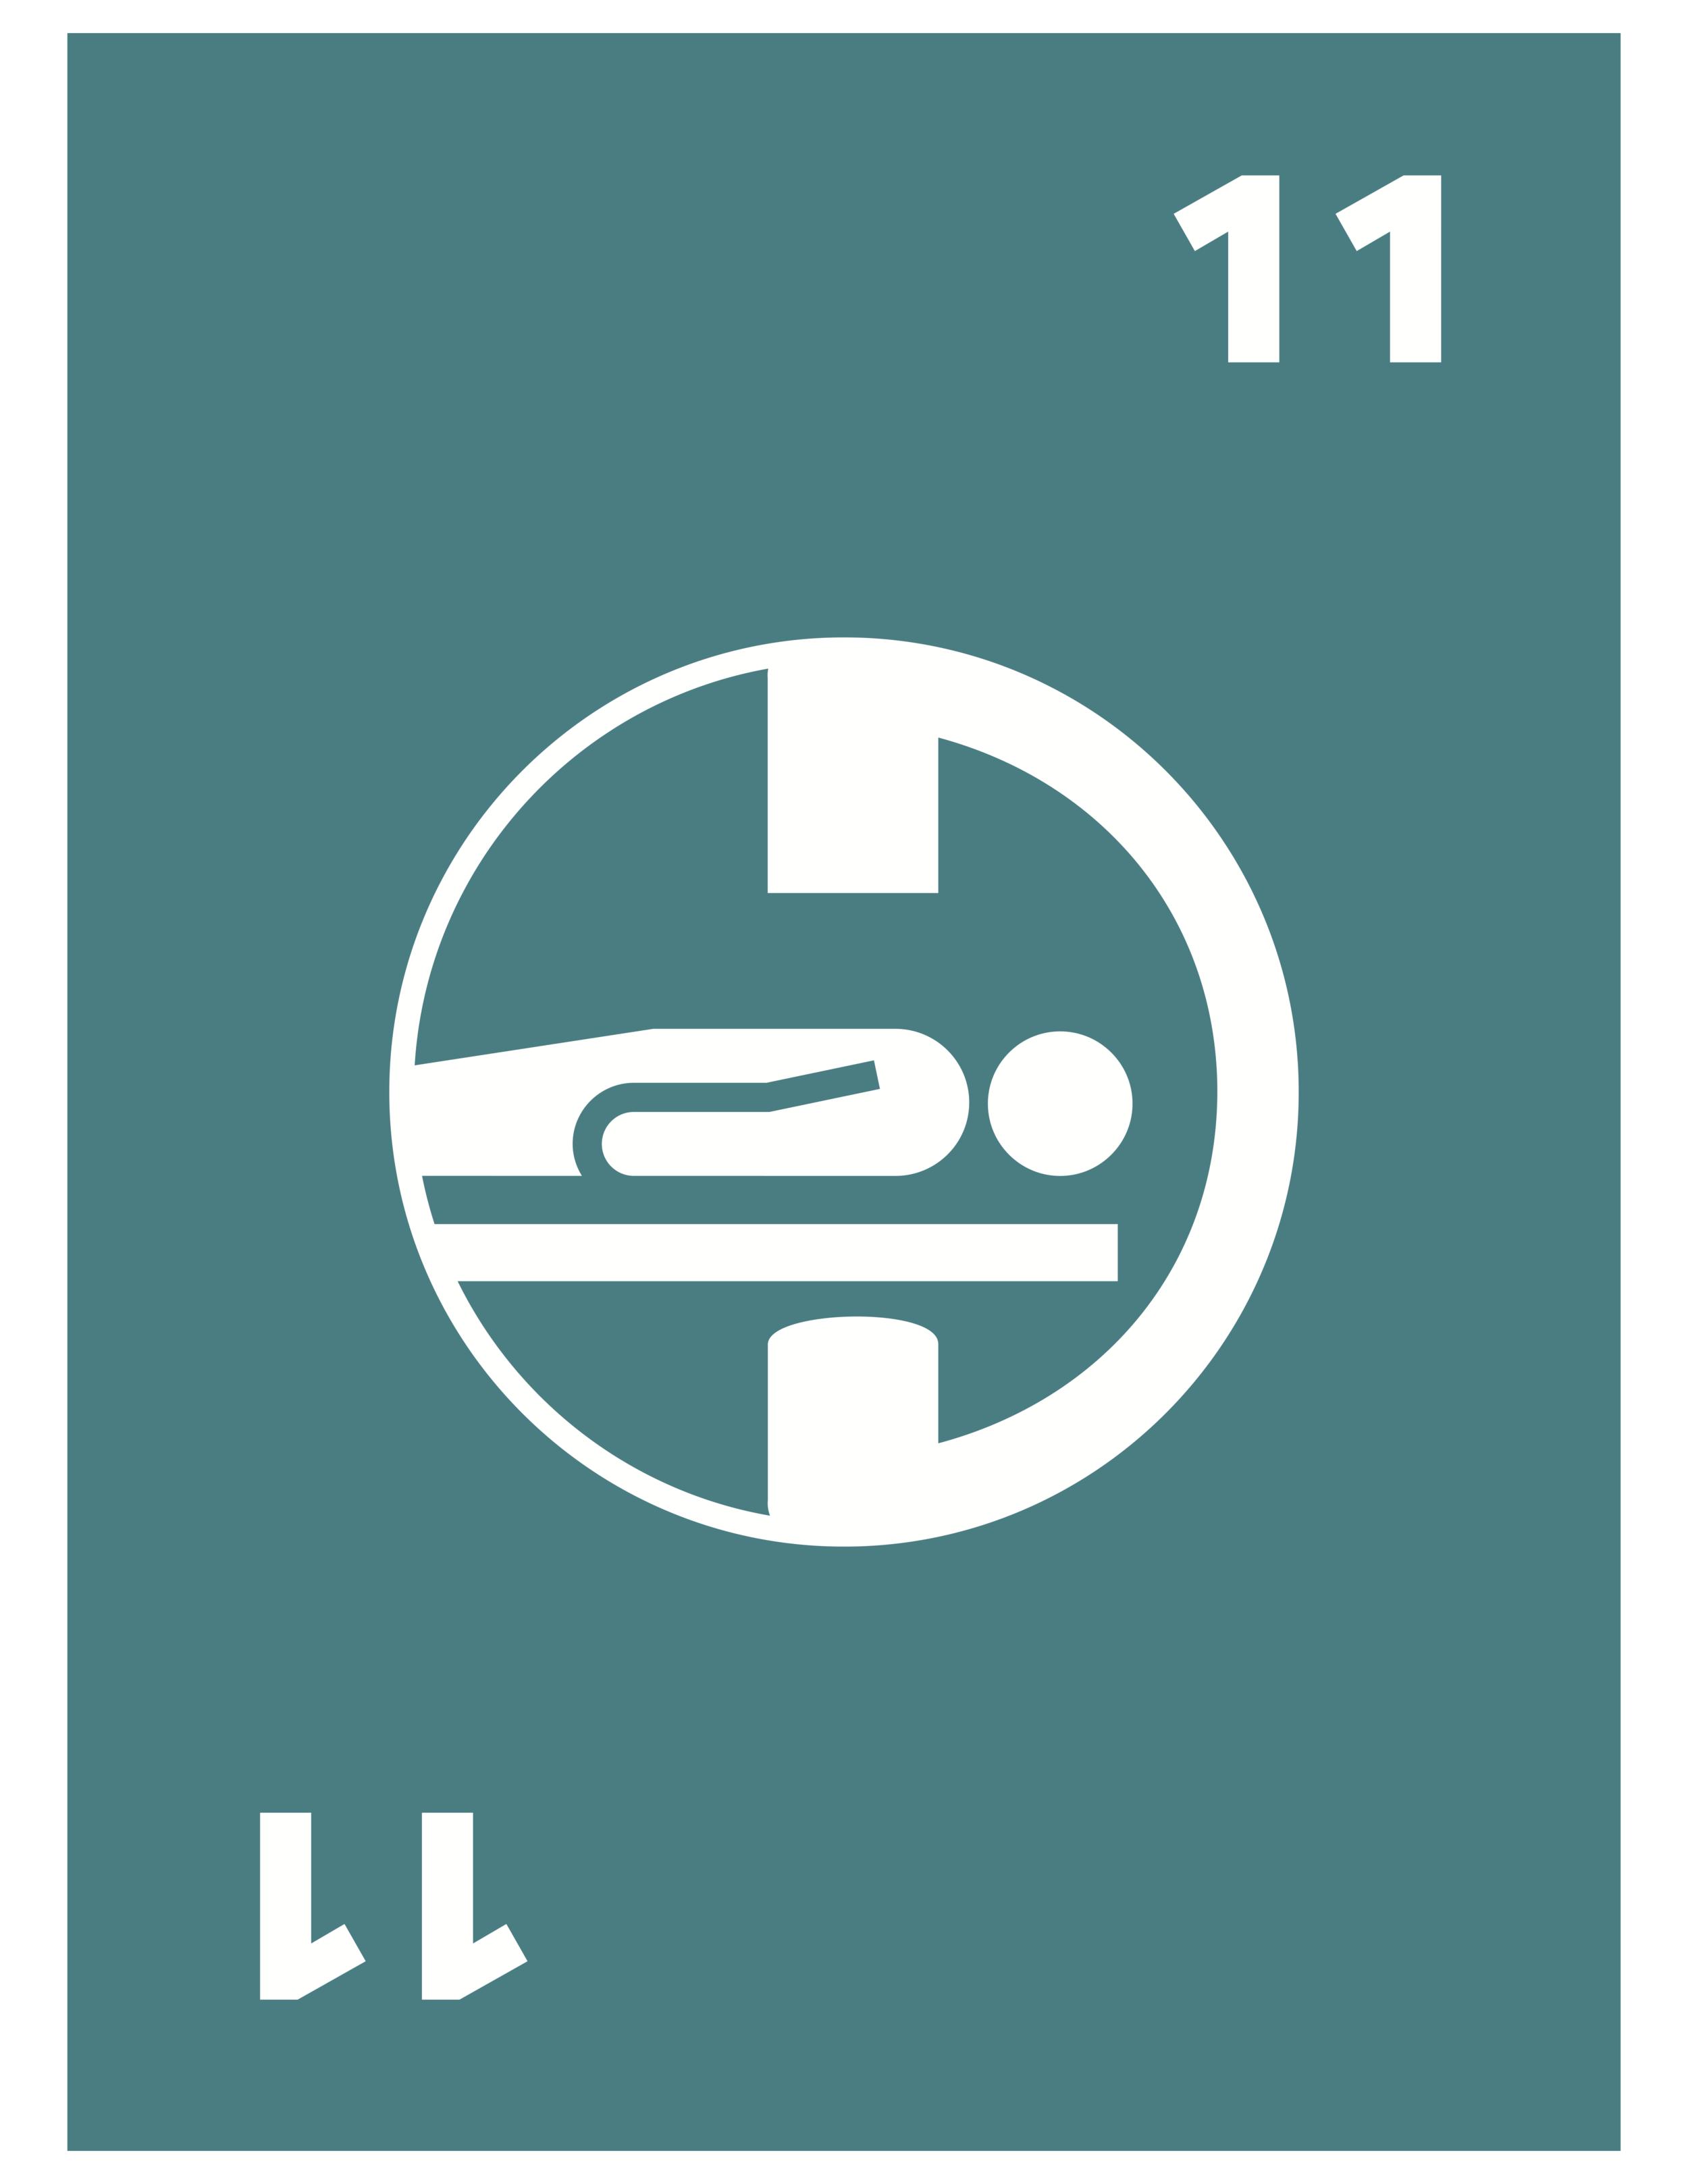 RatingCard-GutCheck.png